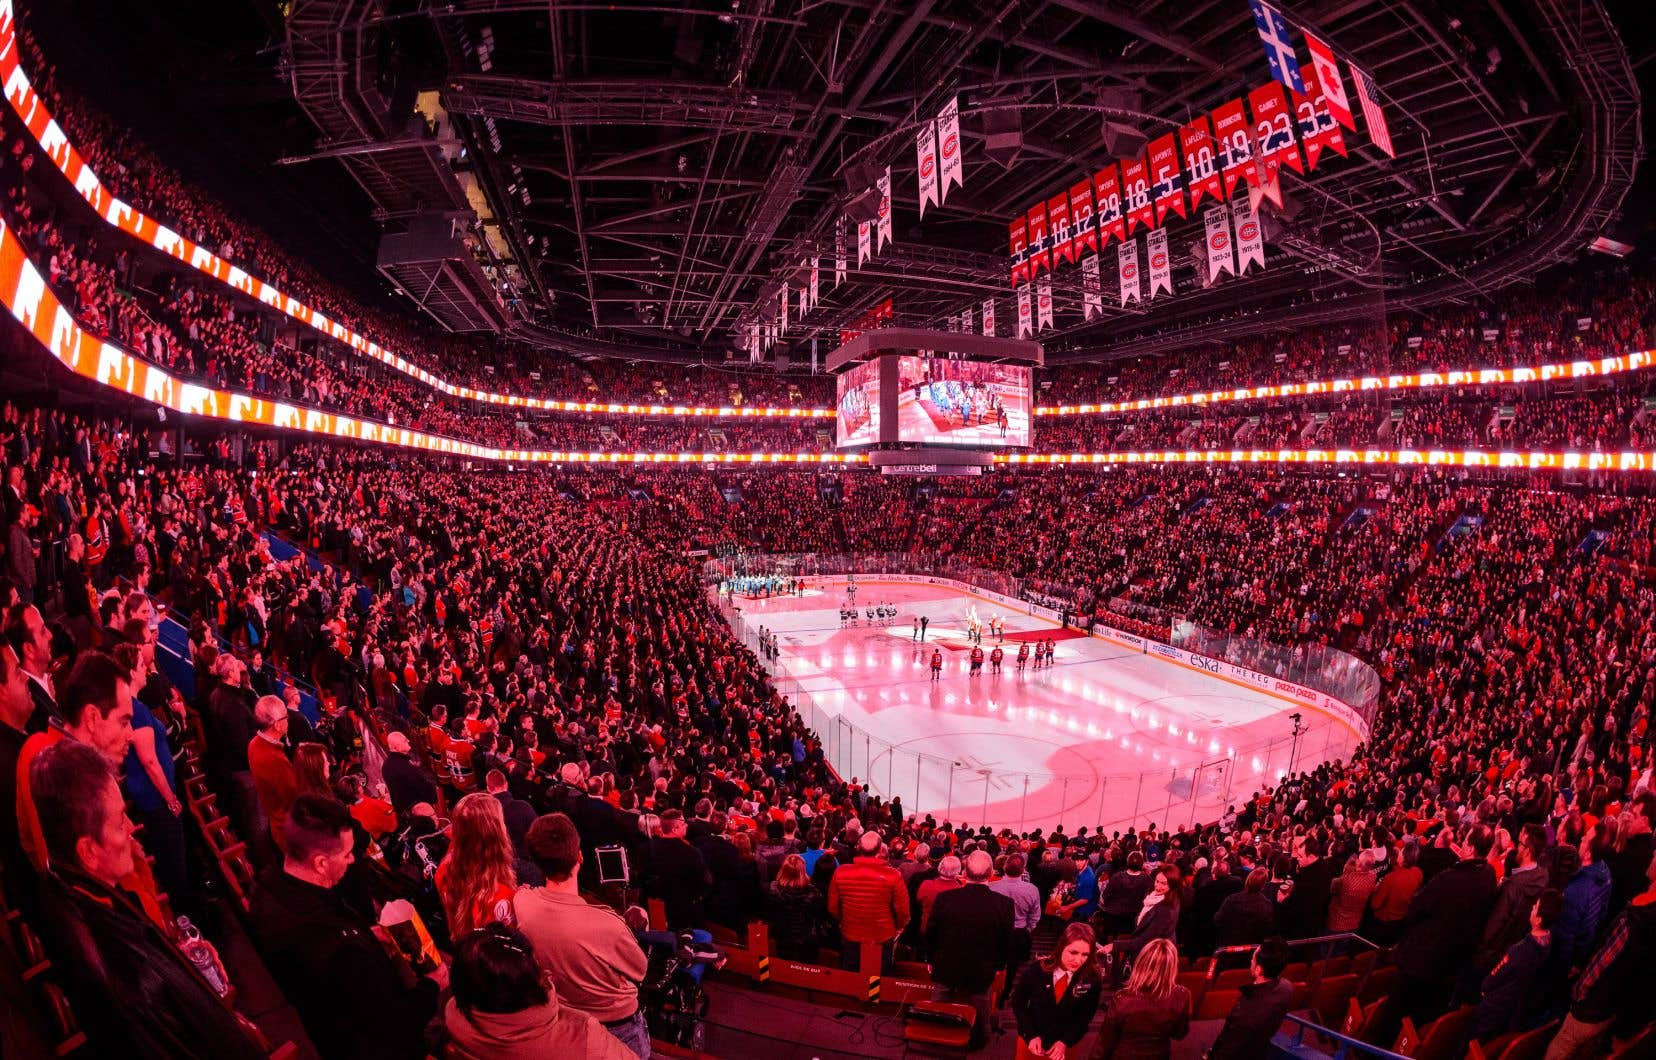 L'Aréna des Canadiens chapeaute notamment le Canadien de Montréal et d'autres entités comme Evenko, Heavy Montréal, Osheaga ainsi que le restaurant 9-4-10.